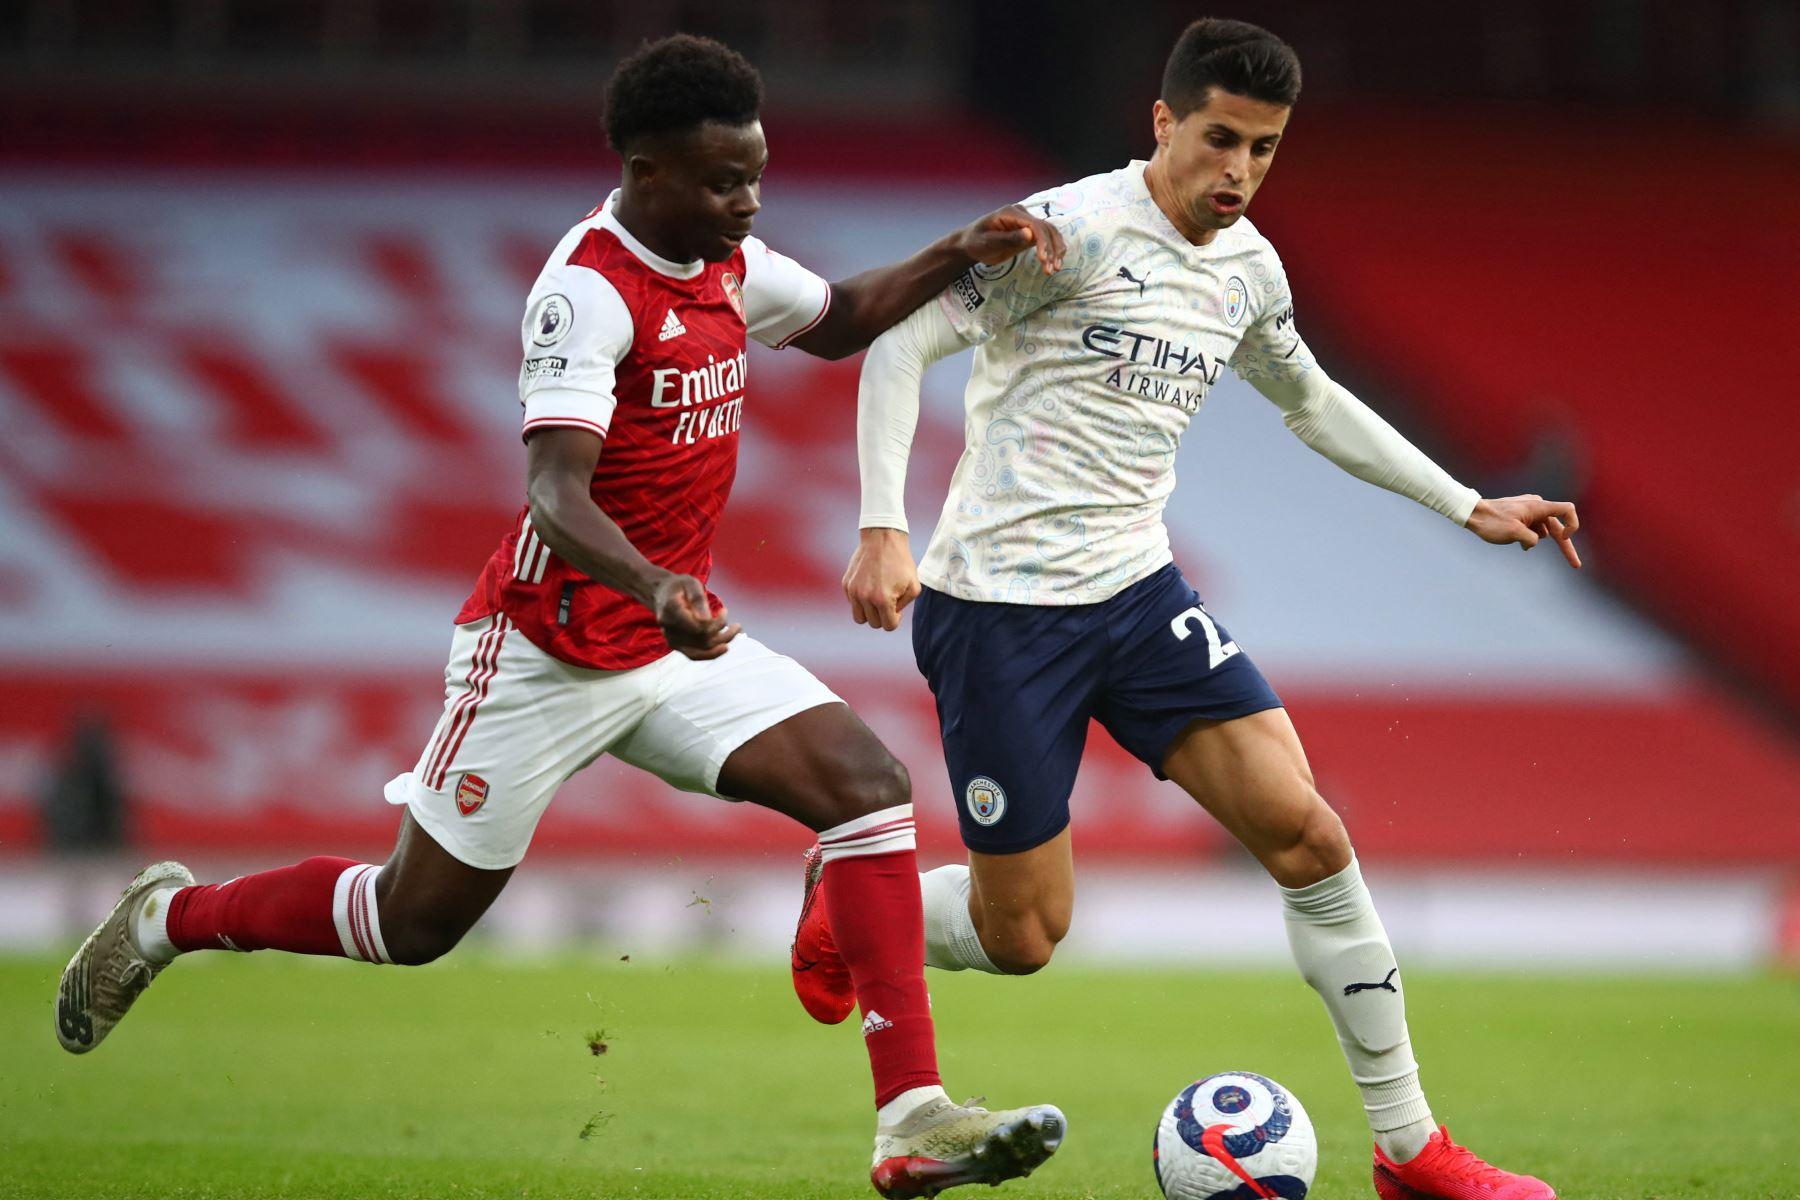 El delantero inglés del Arsenal Bukayo Saka compite con el defensor portugués del Manchester City Joao Cancelo durante el partido de fútbol de la Premier League inglesa entre el Arsenal y el Manchester City. Foto: AFP